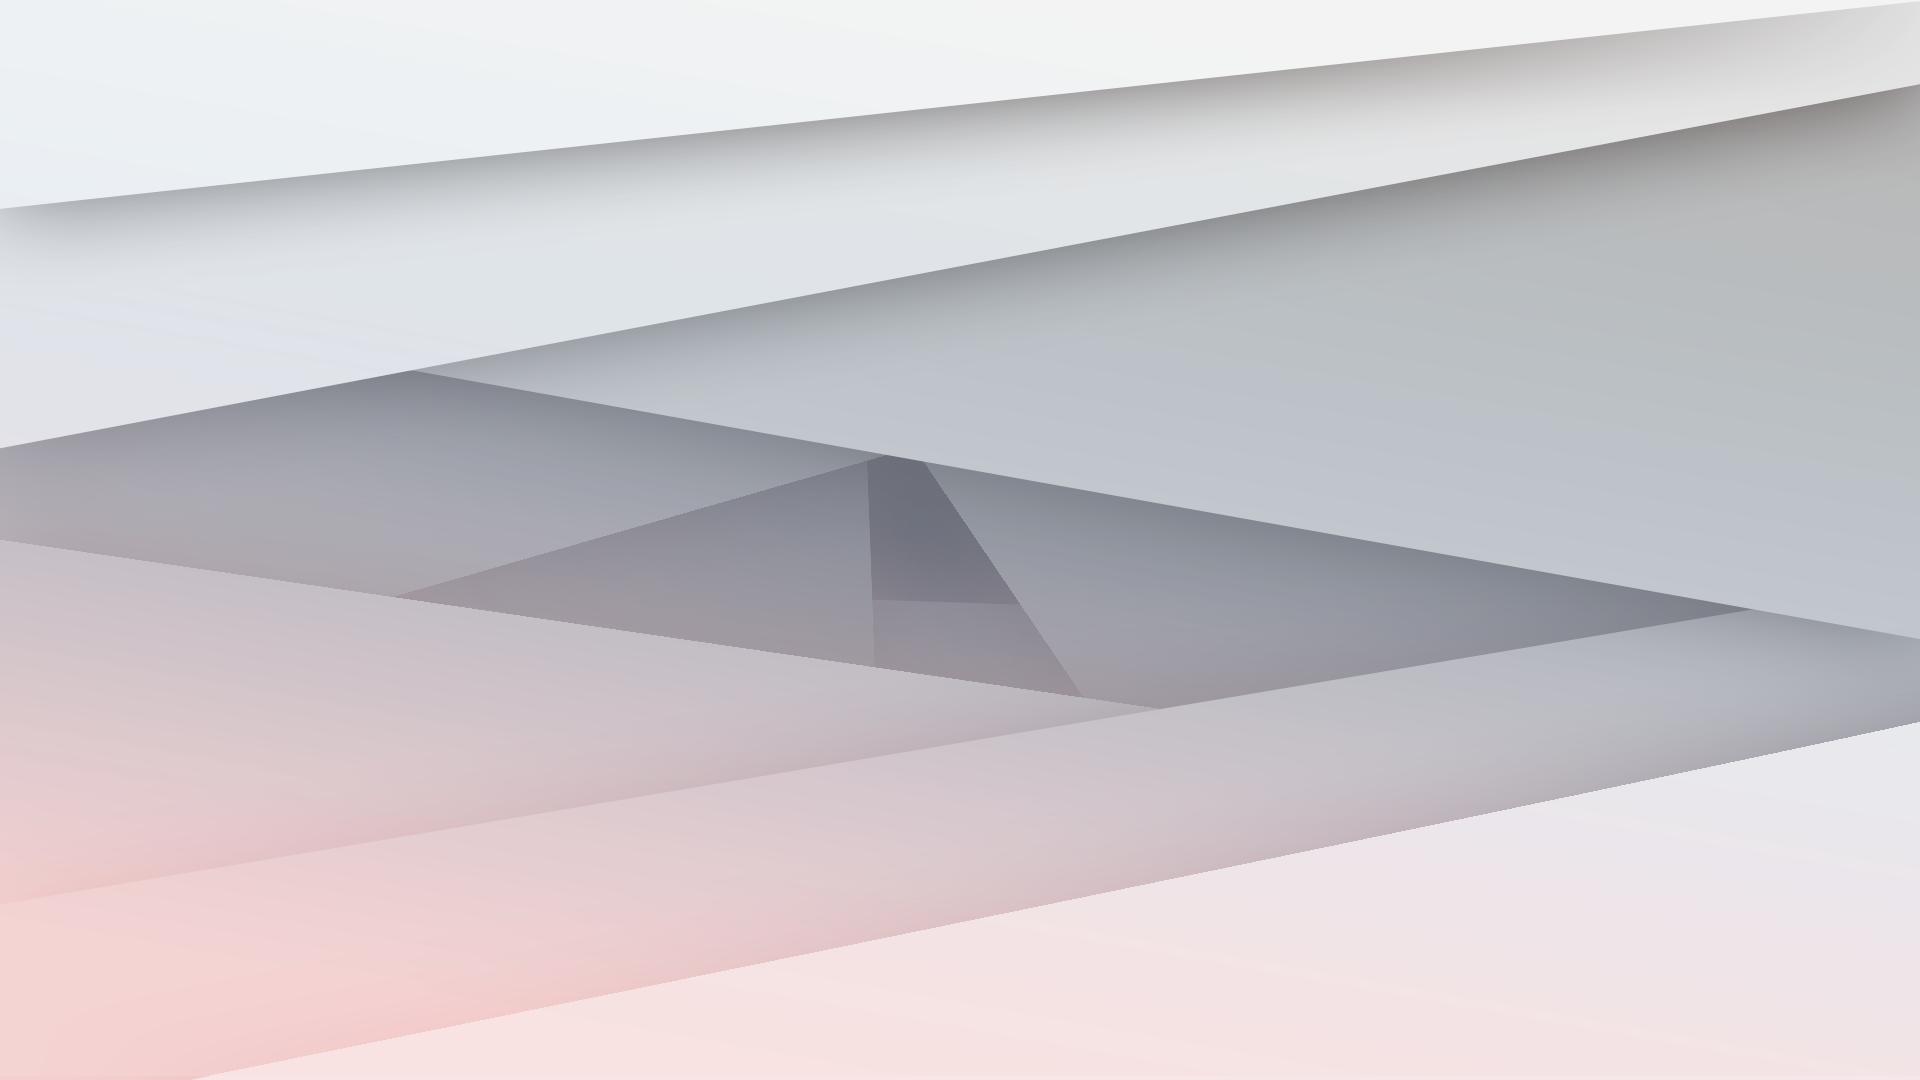 シックな平面を重ねた立体の背景素材